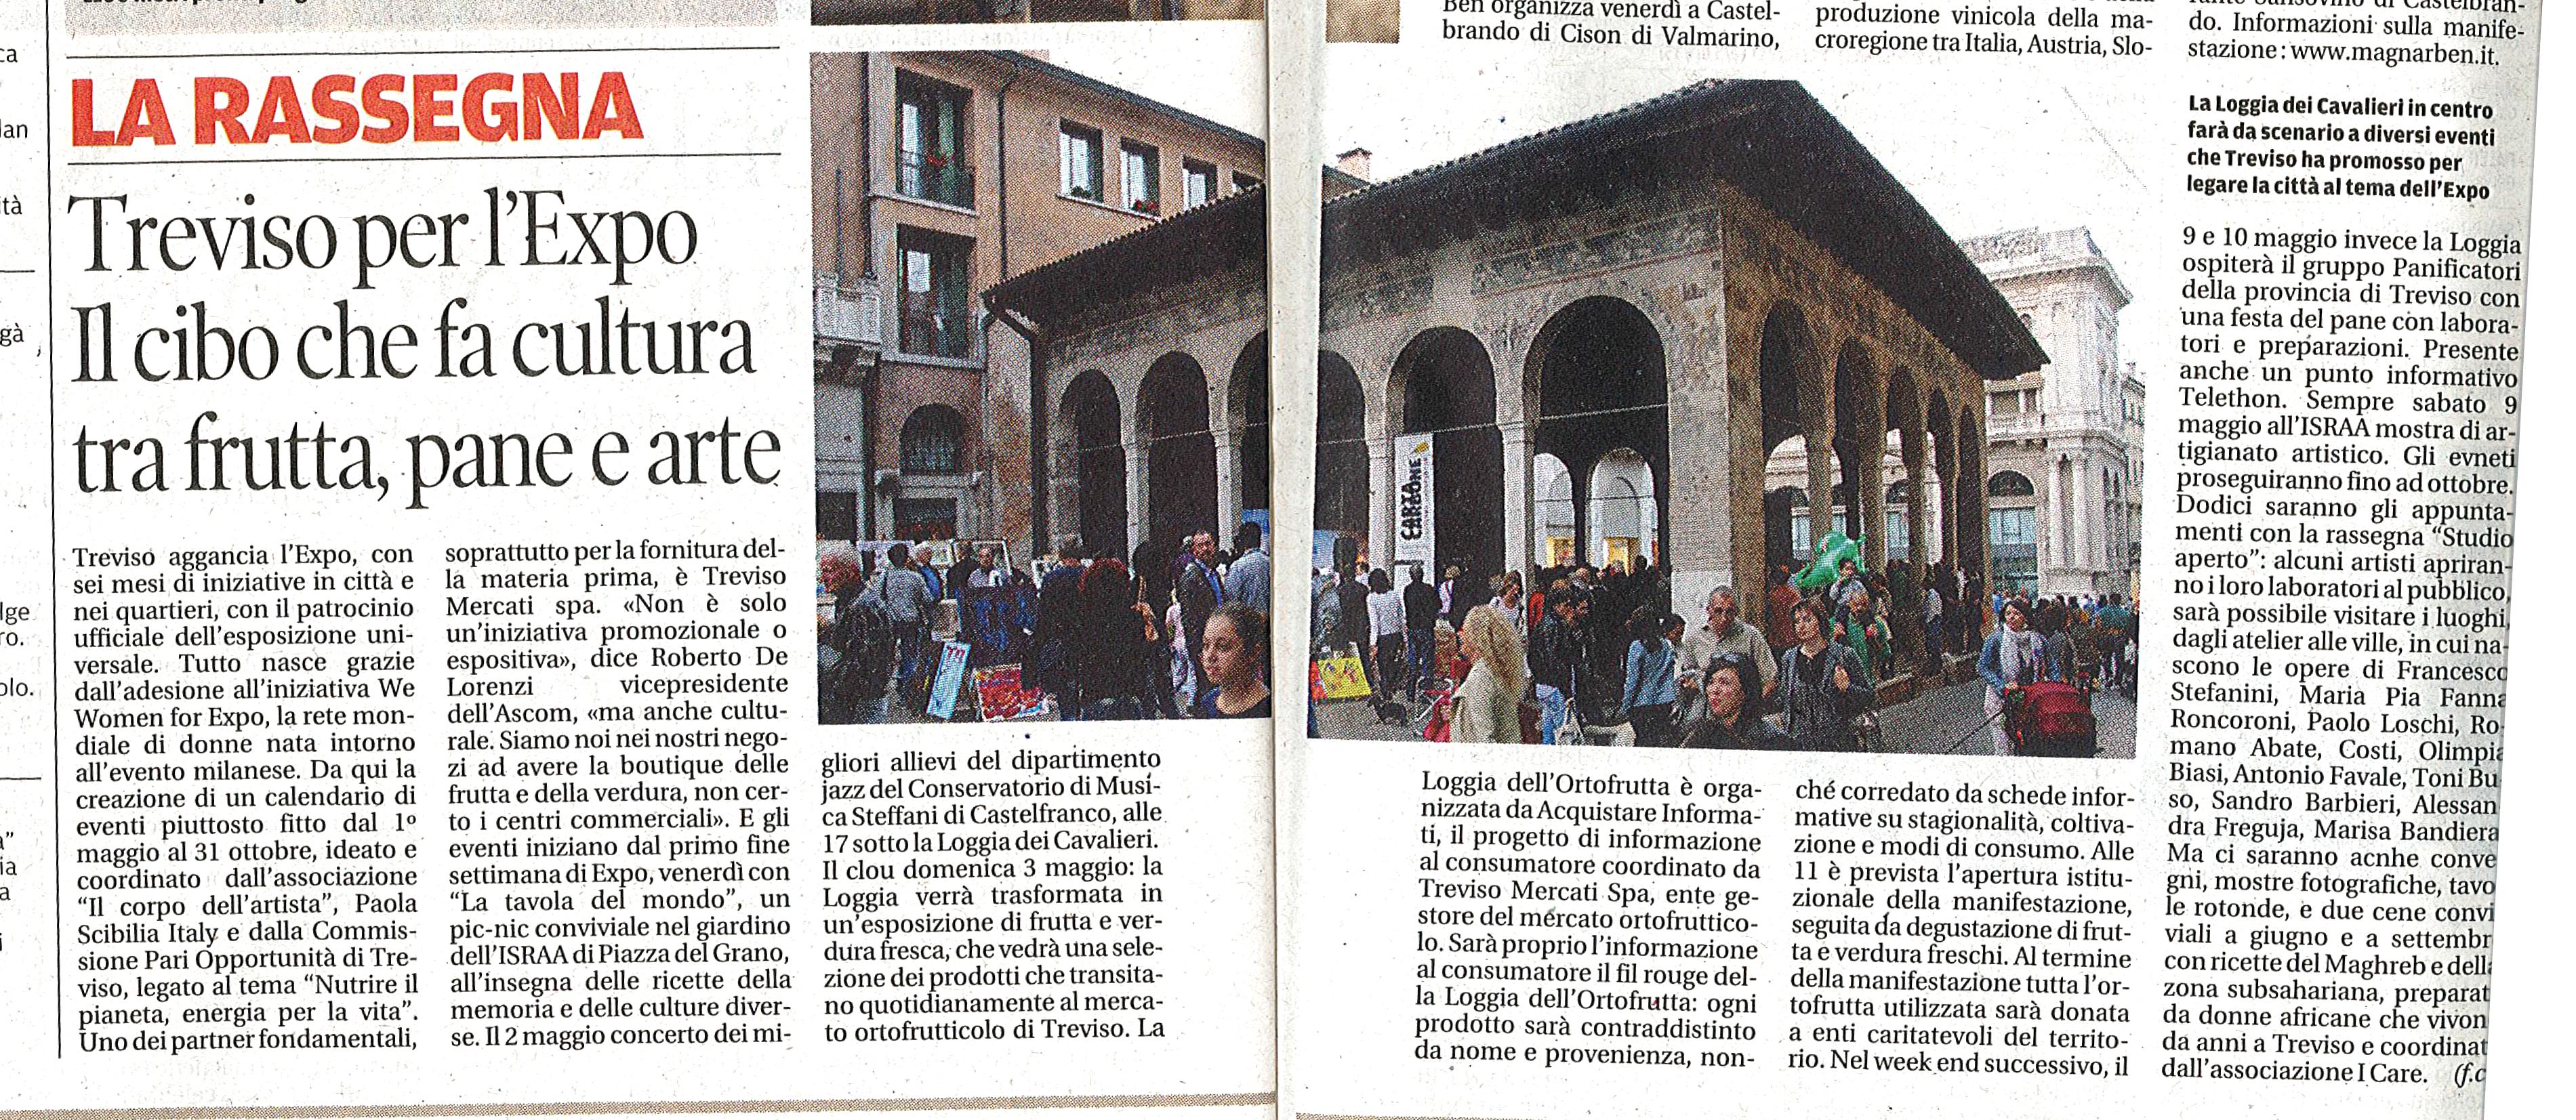 la tribuna - Expo 2015 Treviso